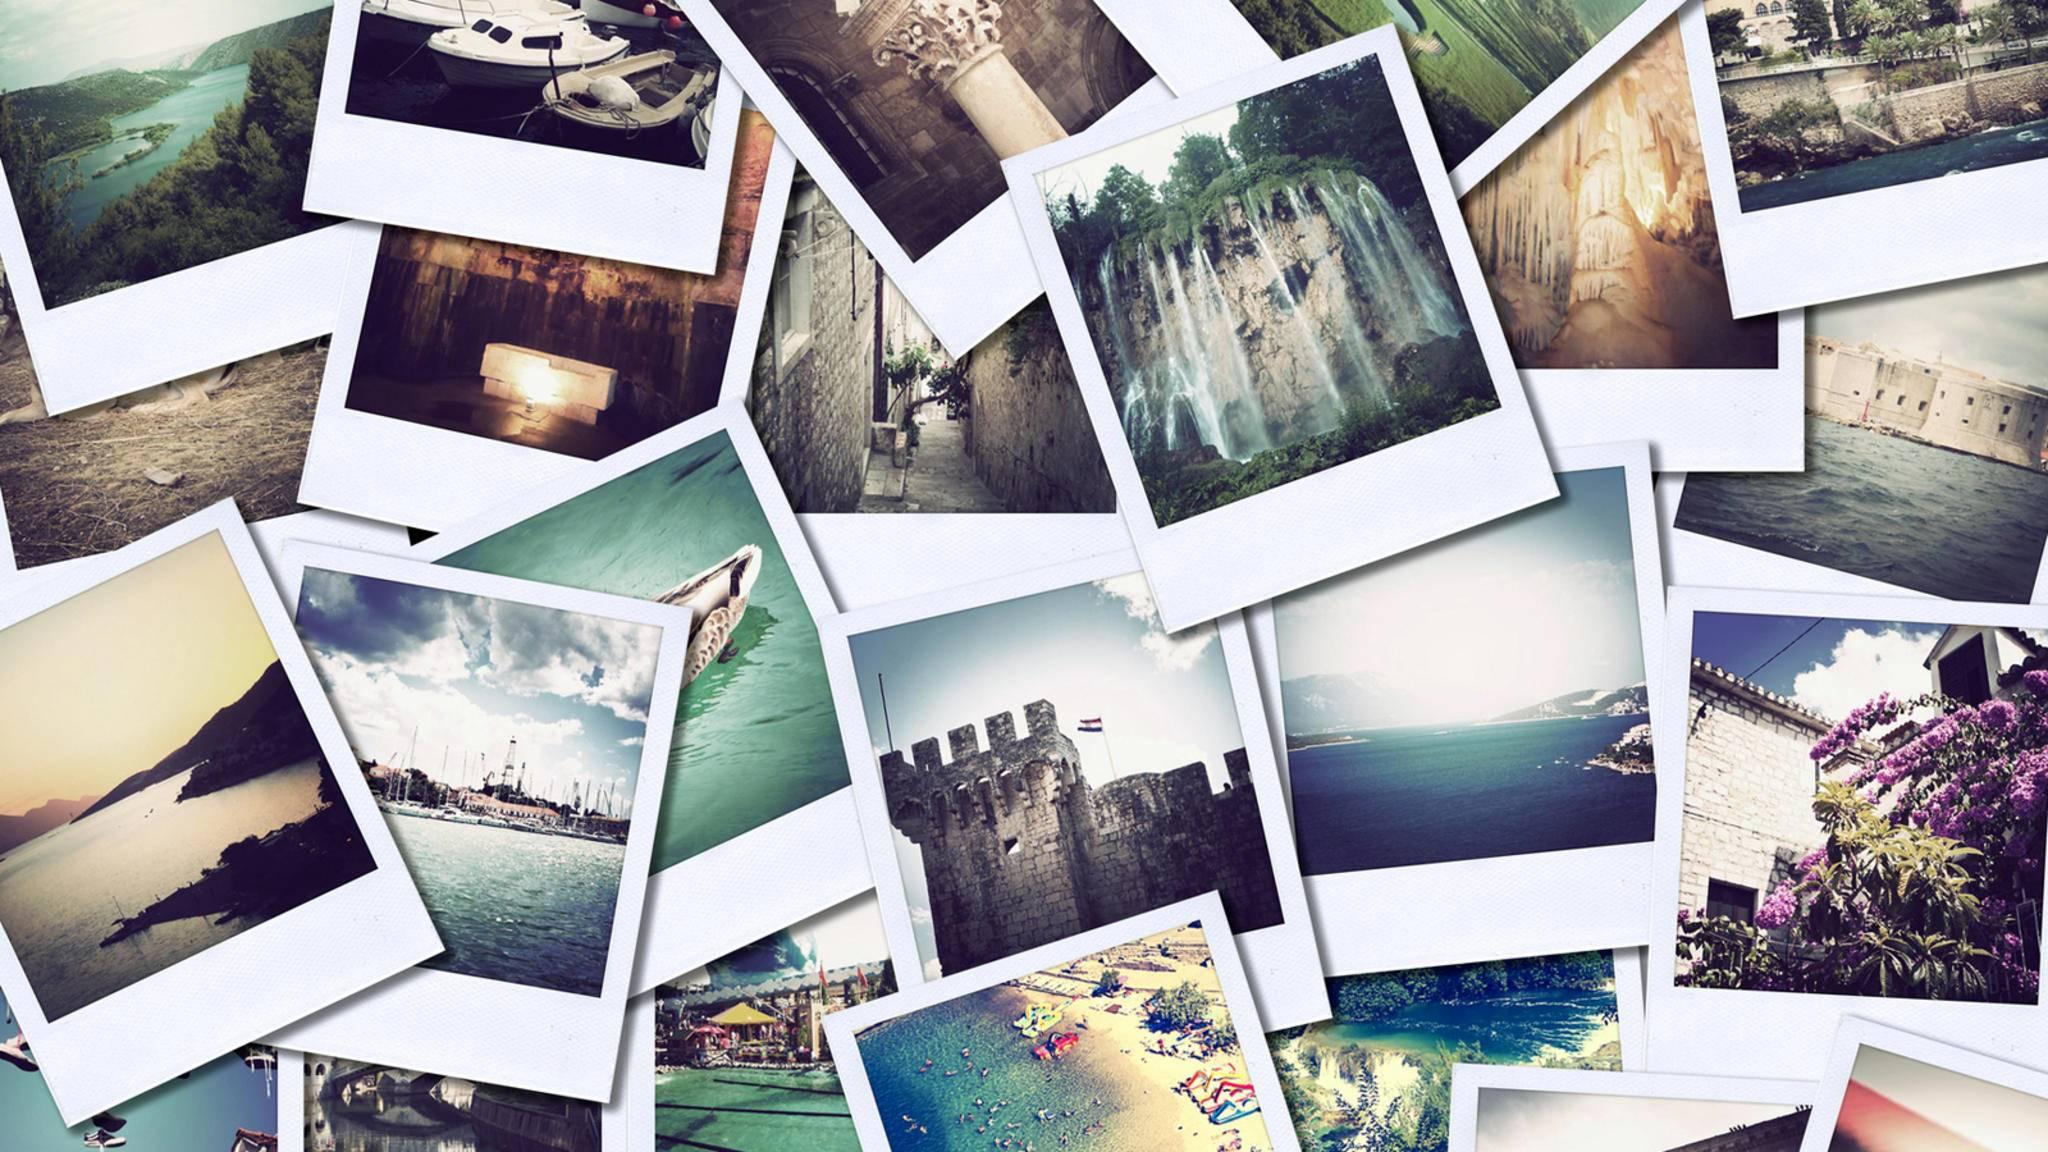 Solche Fotocollagen lassen sich mit den richtigen Apps auch auf dem Smartphone erstellen.